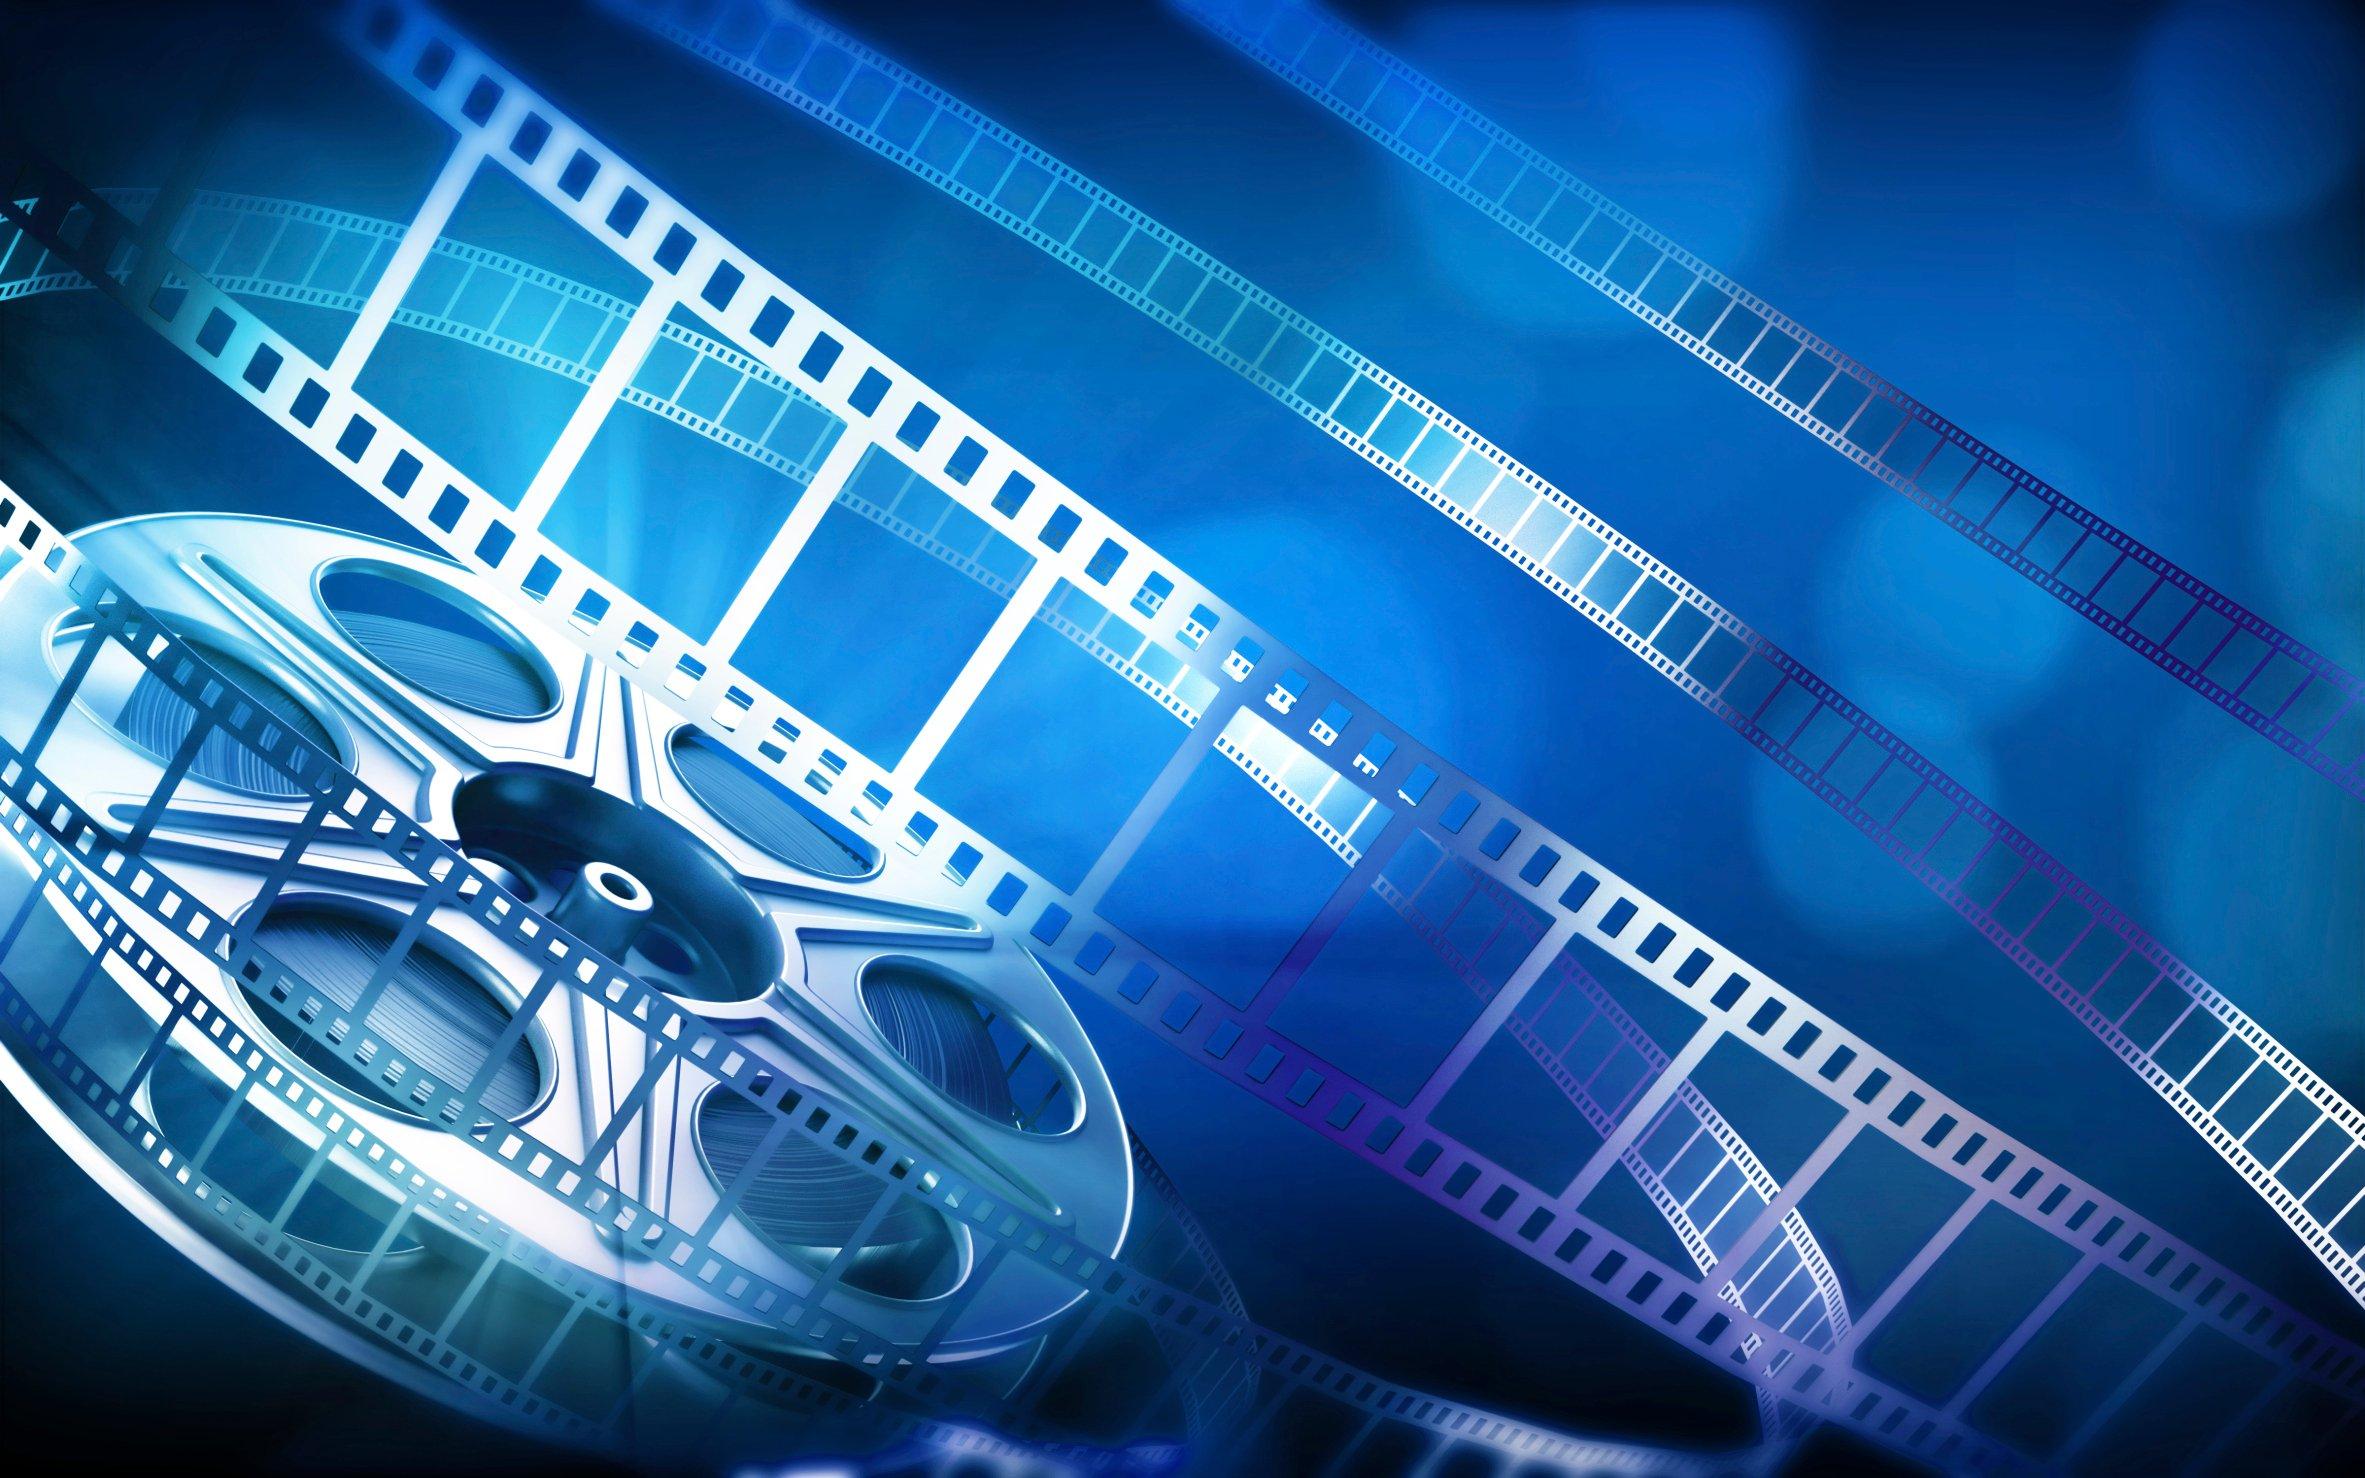 cinema house - Main Object Of CINEMA HOUSE